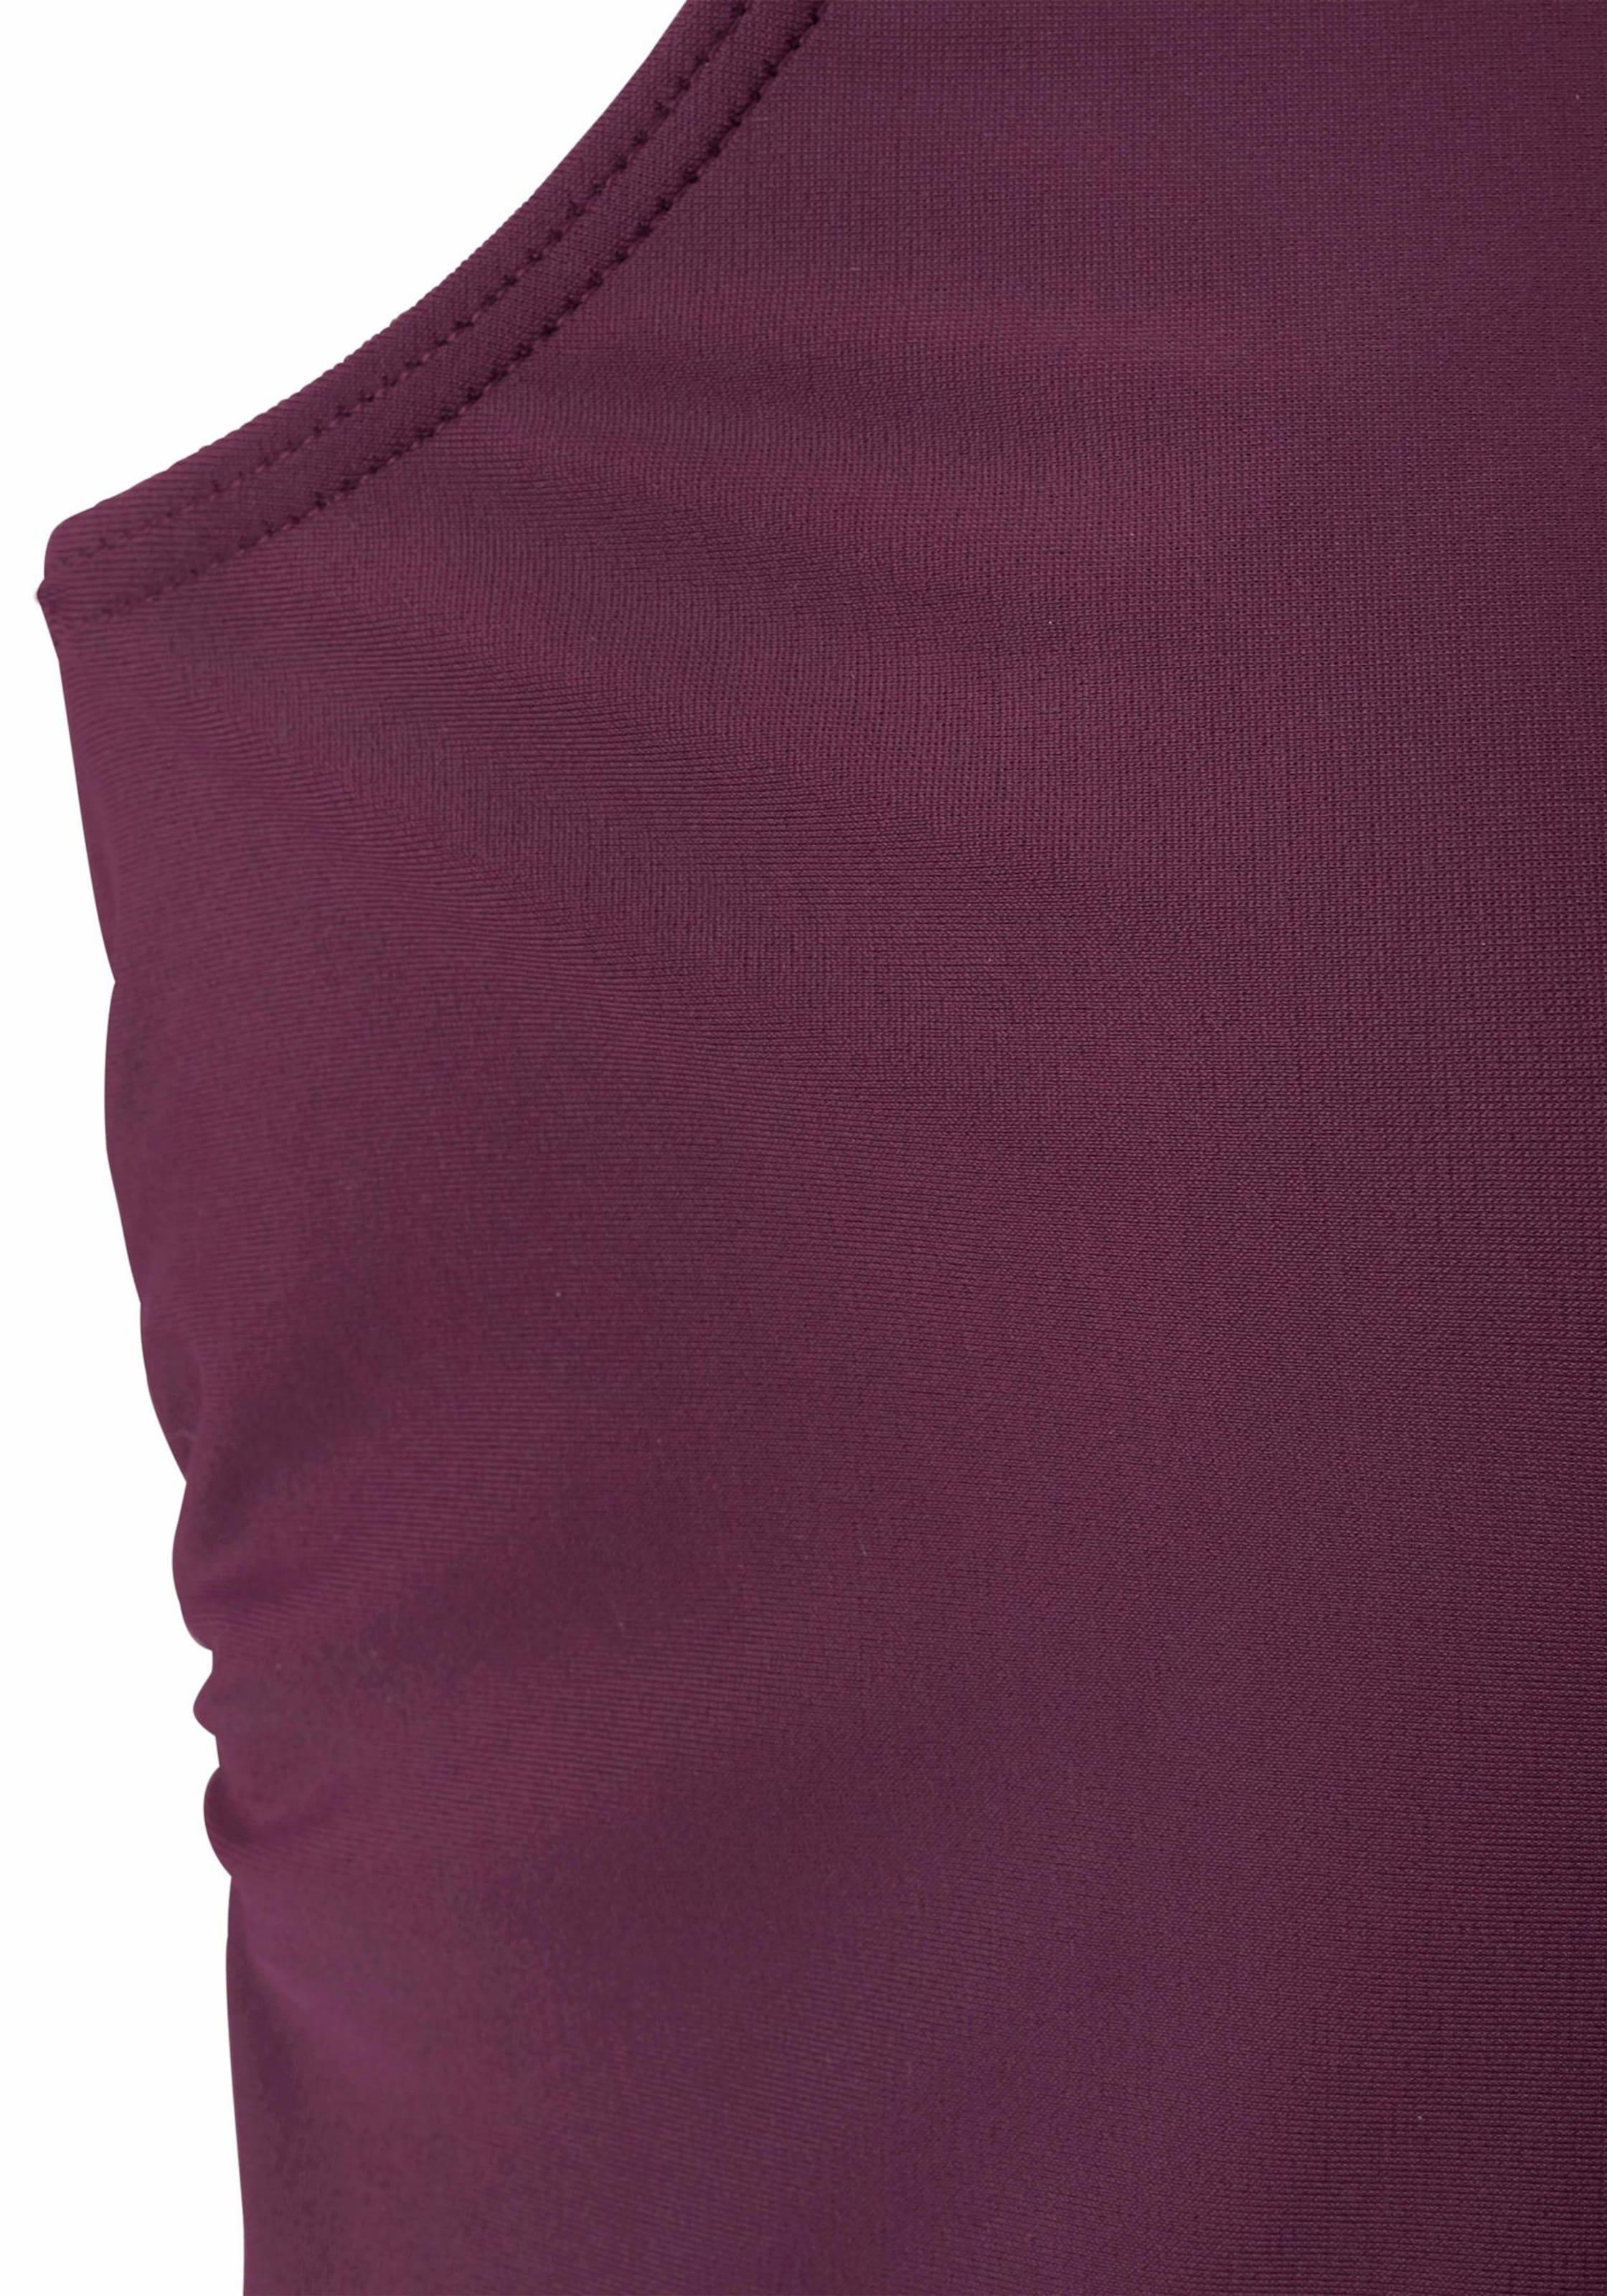 lascana - Witt Weiden Damen Bade-Shirt bordeaux